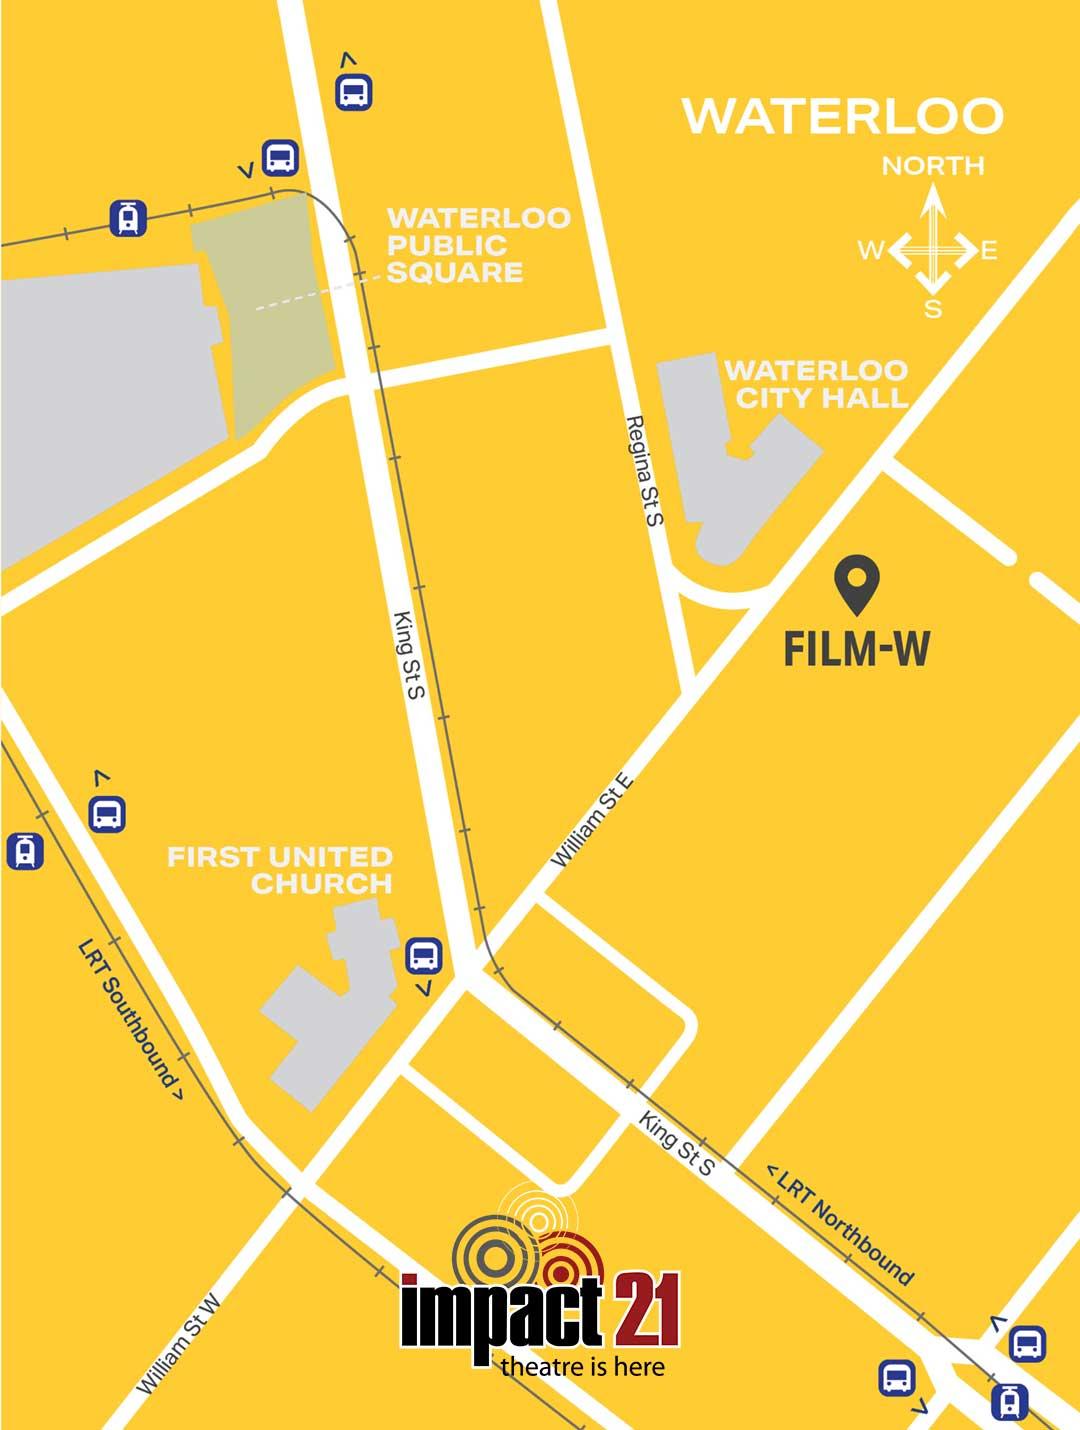 Map of IMPACT 21 venue in Waterloo, Ontario